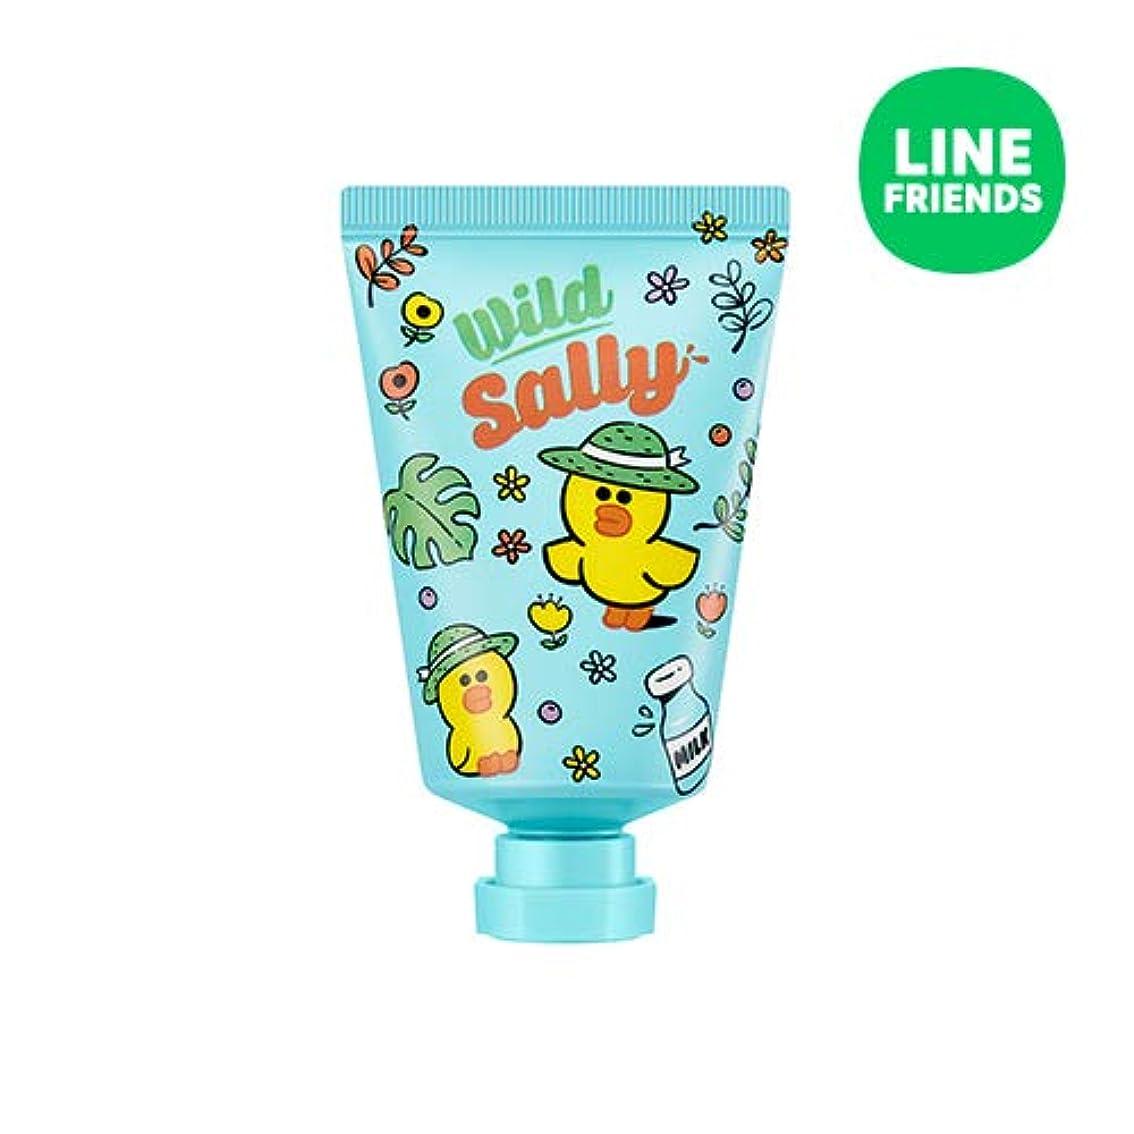 喜劇極めて重要なホテルミシャ(ラインフレンズ)ラブシークレットハンドクリーム 30ml MISSHA [Line Friends Edition] Love Secret Hand Cream - Sally # Cotton White [並行輸入品]